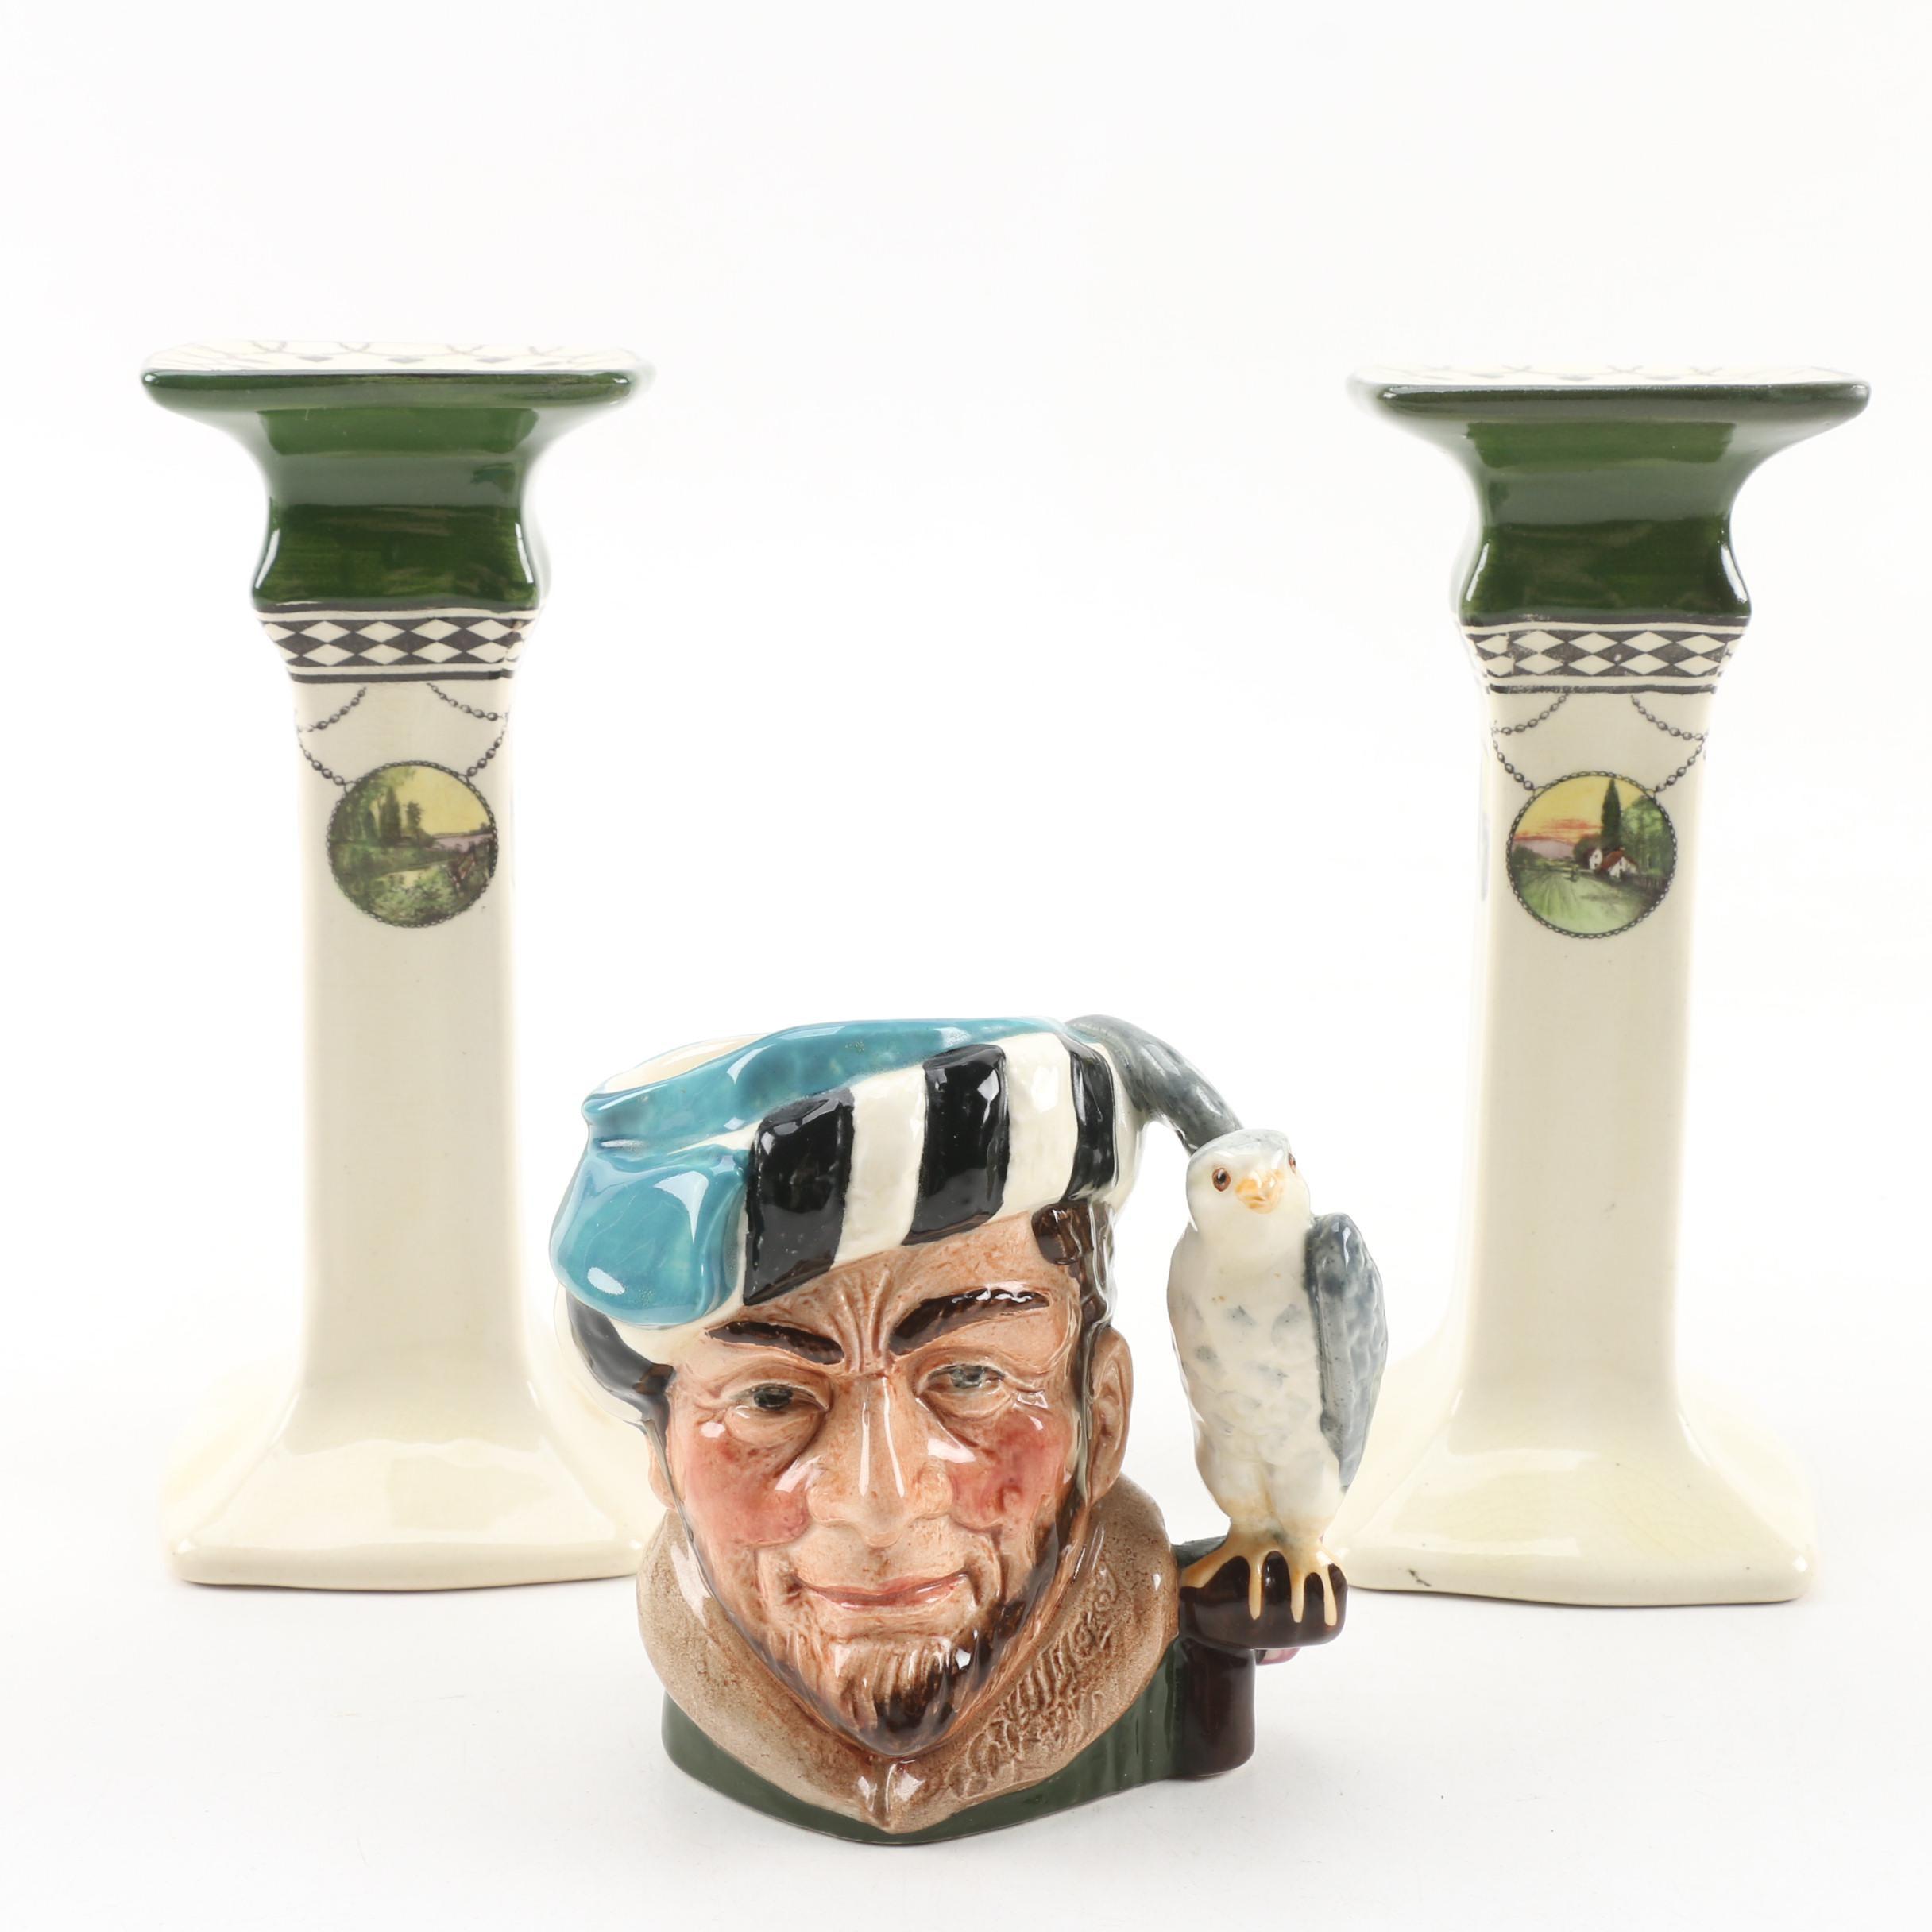 """Royal Doulton """"The Falconer"""" Character Mug and Series Ware Candlesticks"""